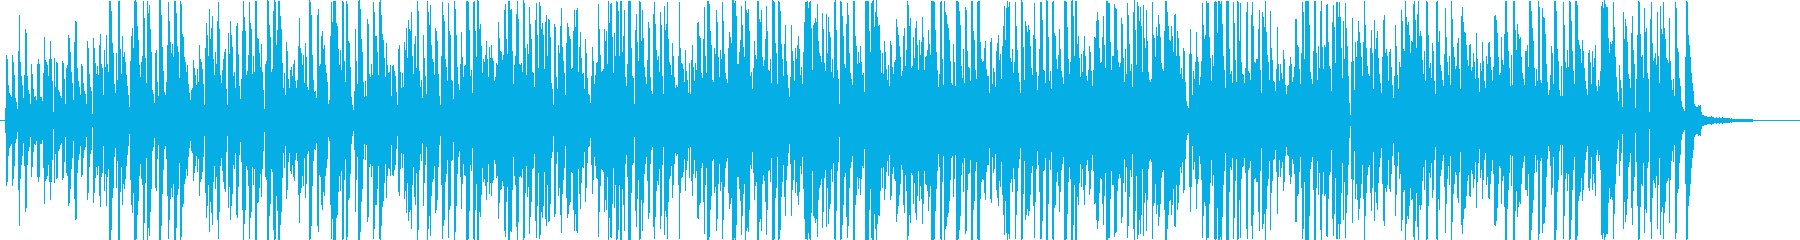 明るくコミカルなイメージのジャズBGMの再生済みの波形